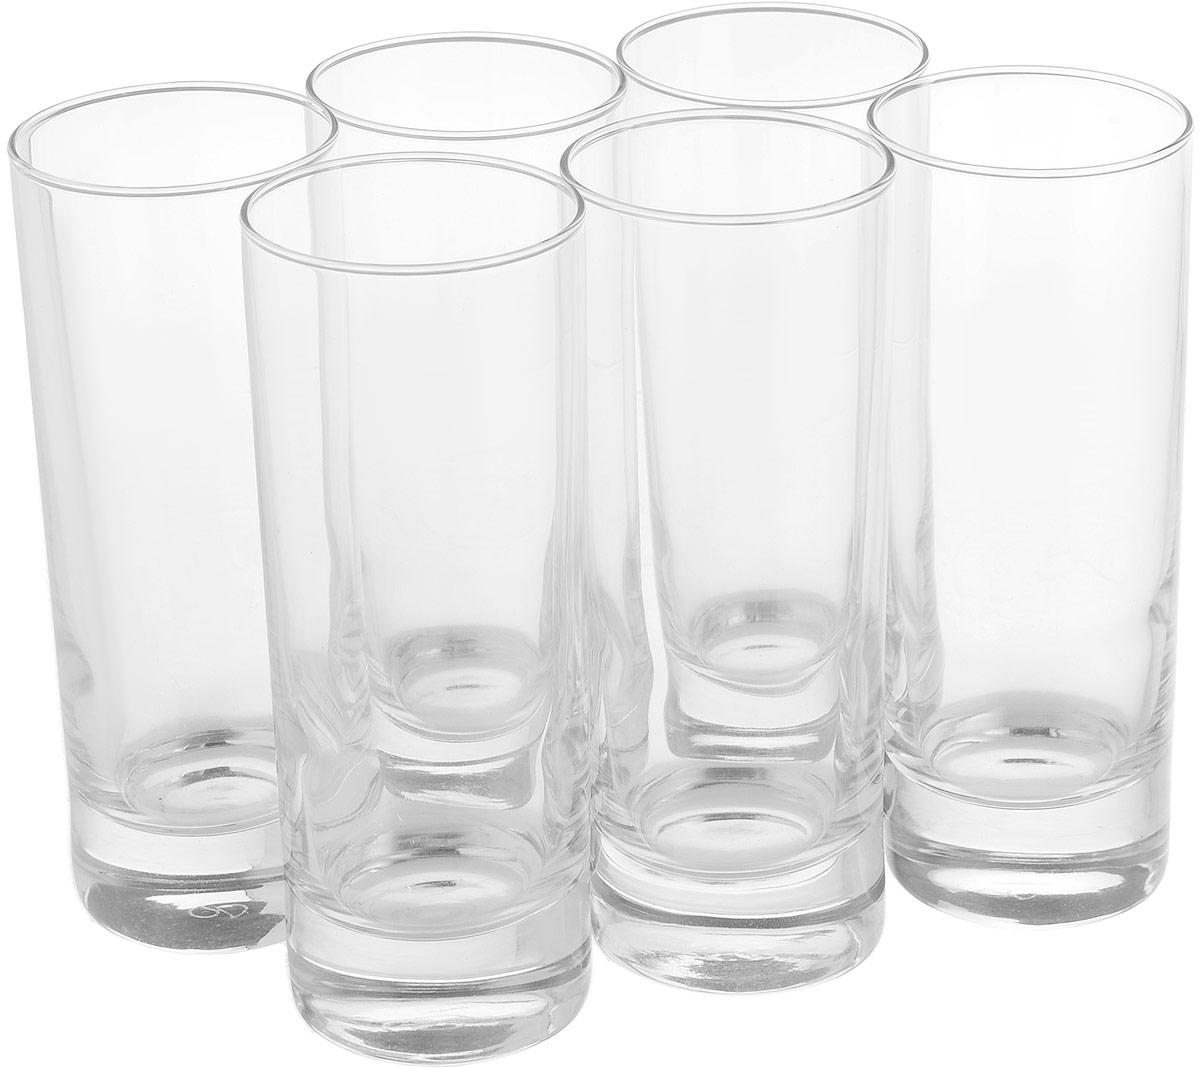 Набор стаканов Pasabahce Сиде, 215 мл, 6 шт